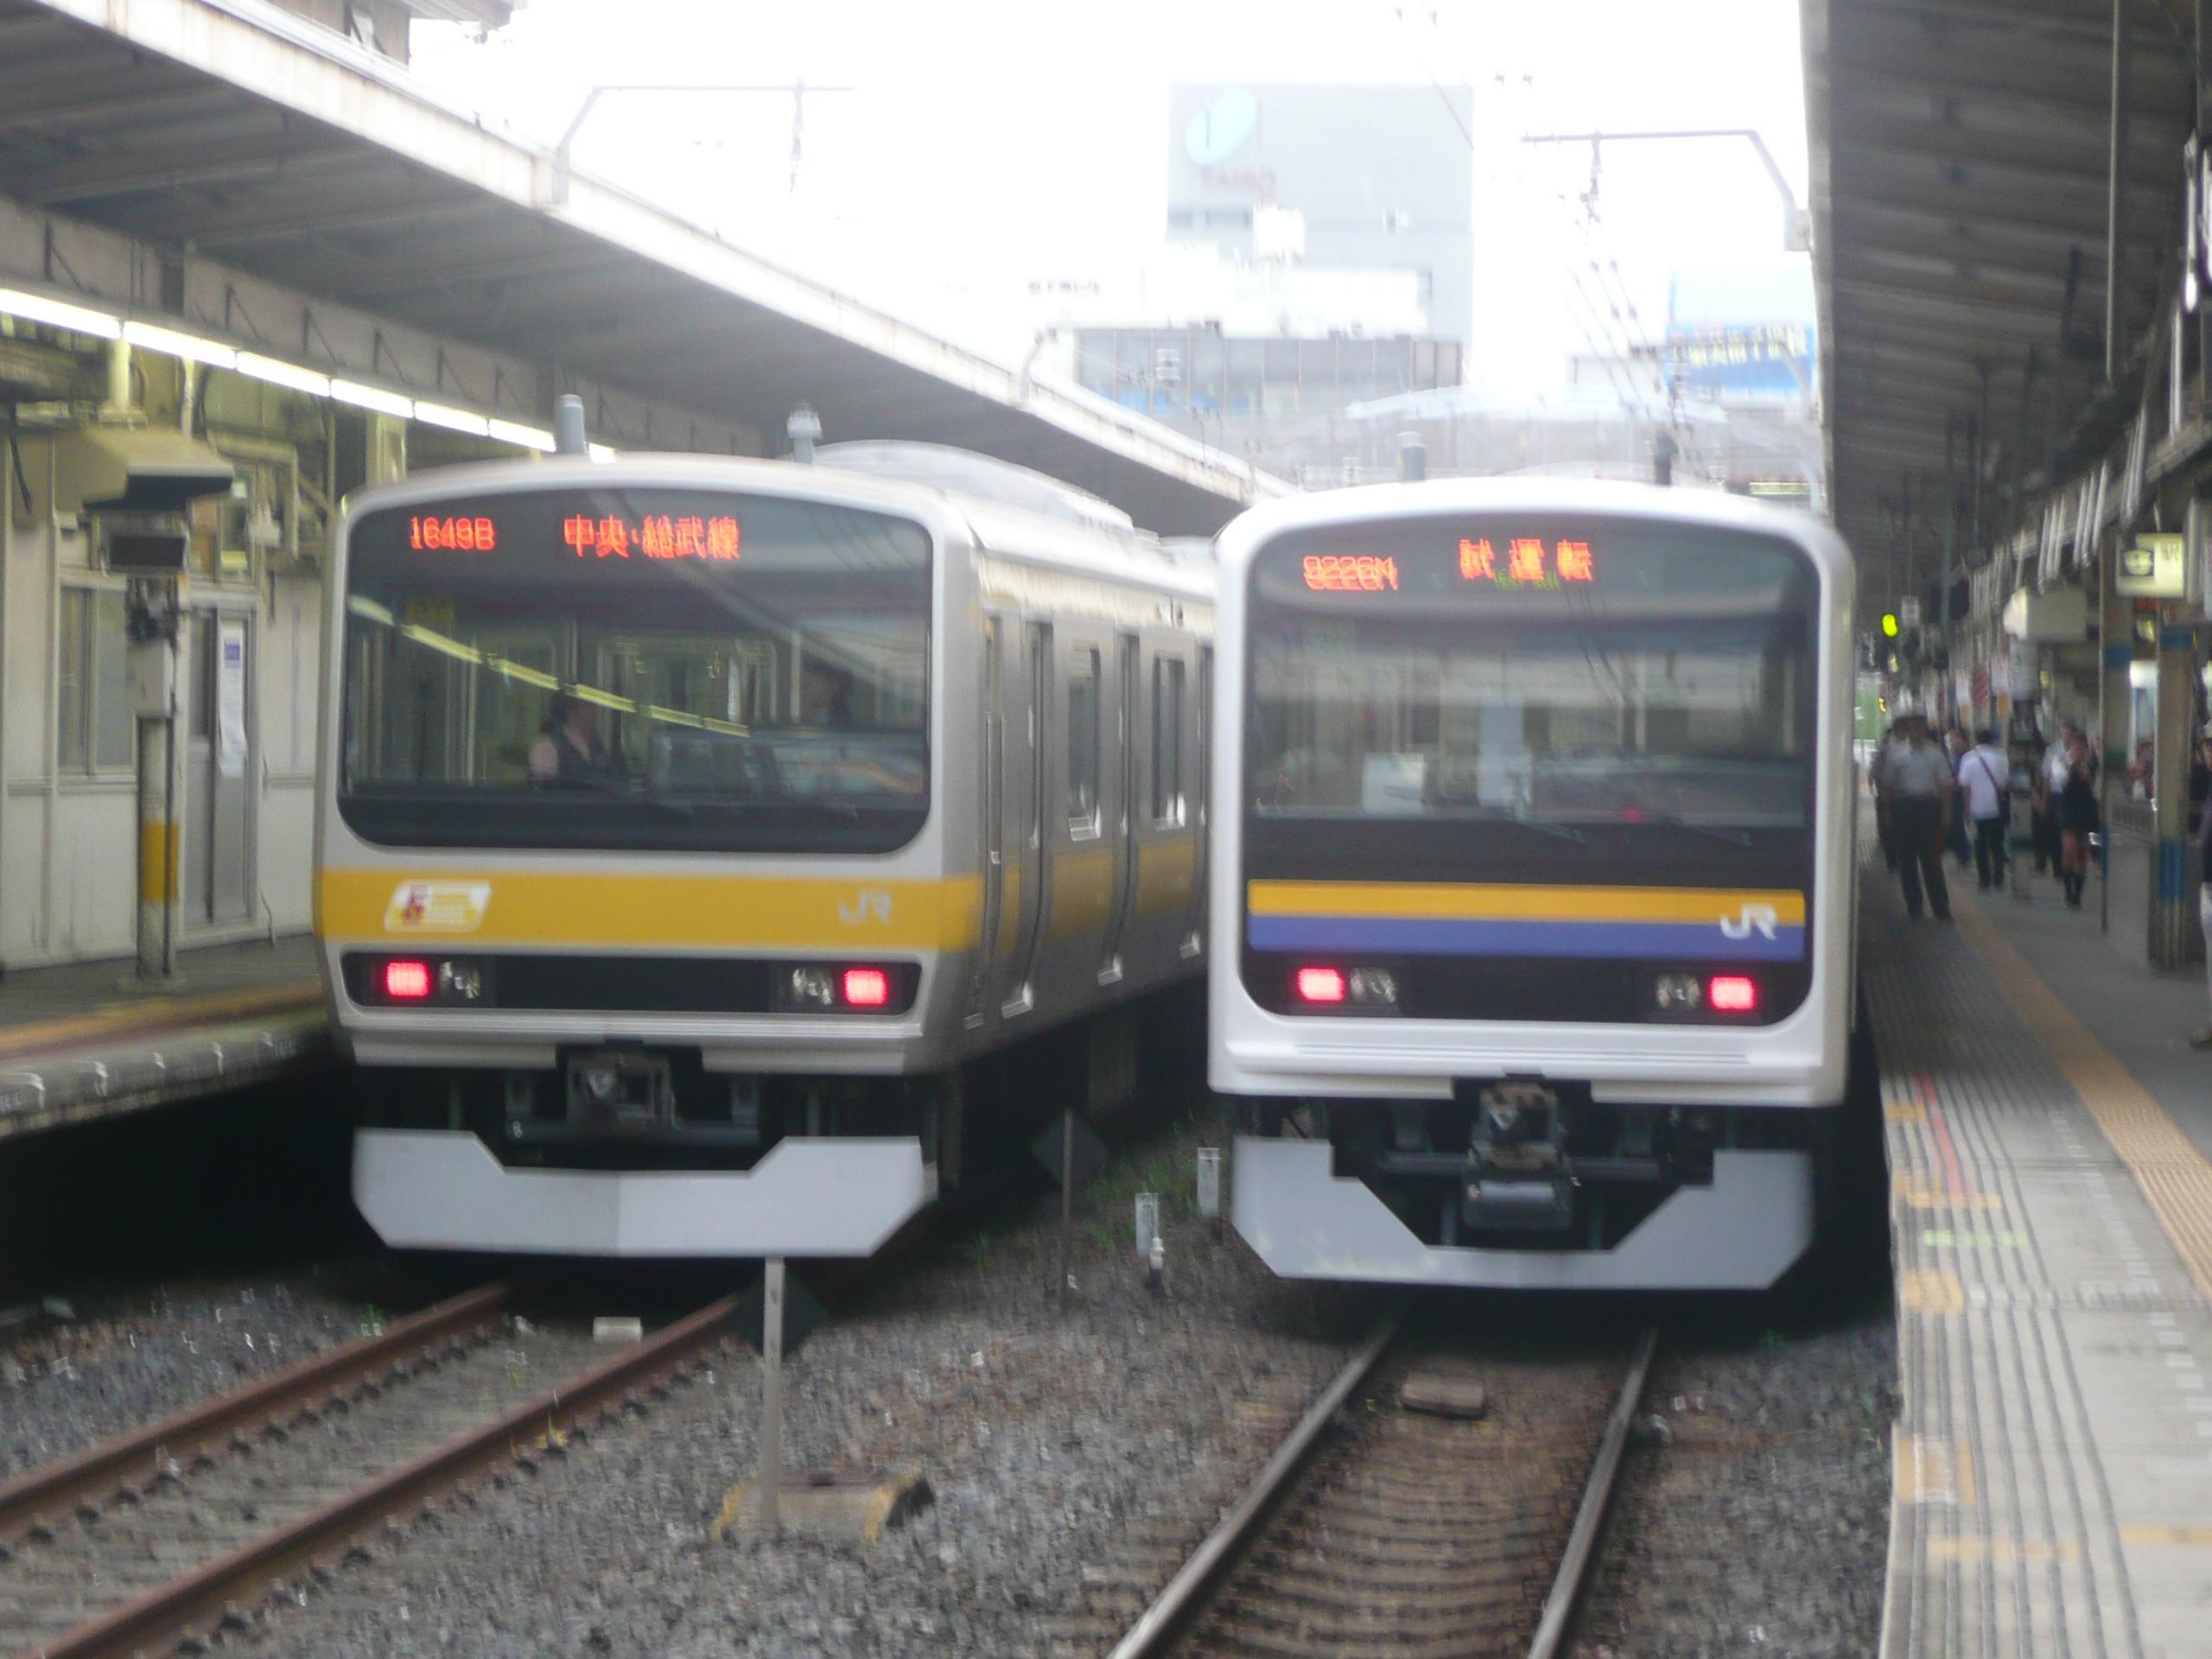 http://livedoor.blogimg.jp/hukuramu403/imgs/b/9/b9285ffc.jpg